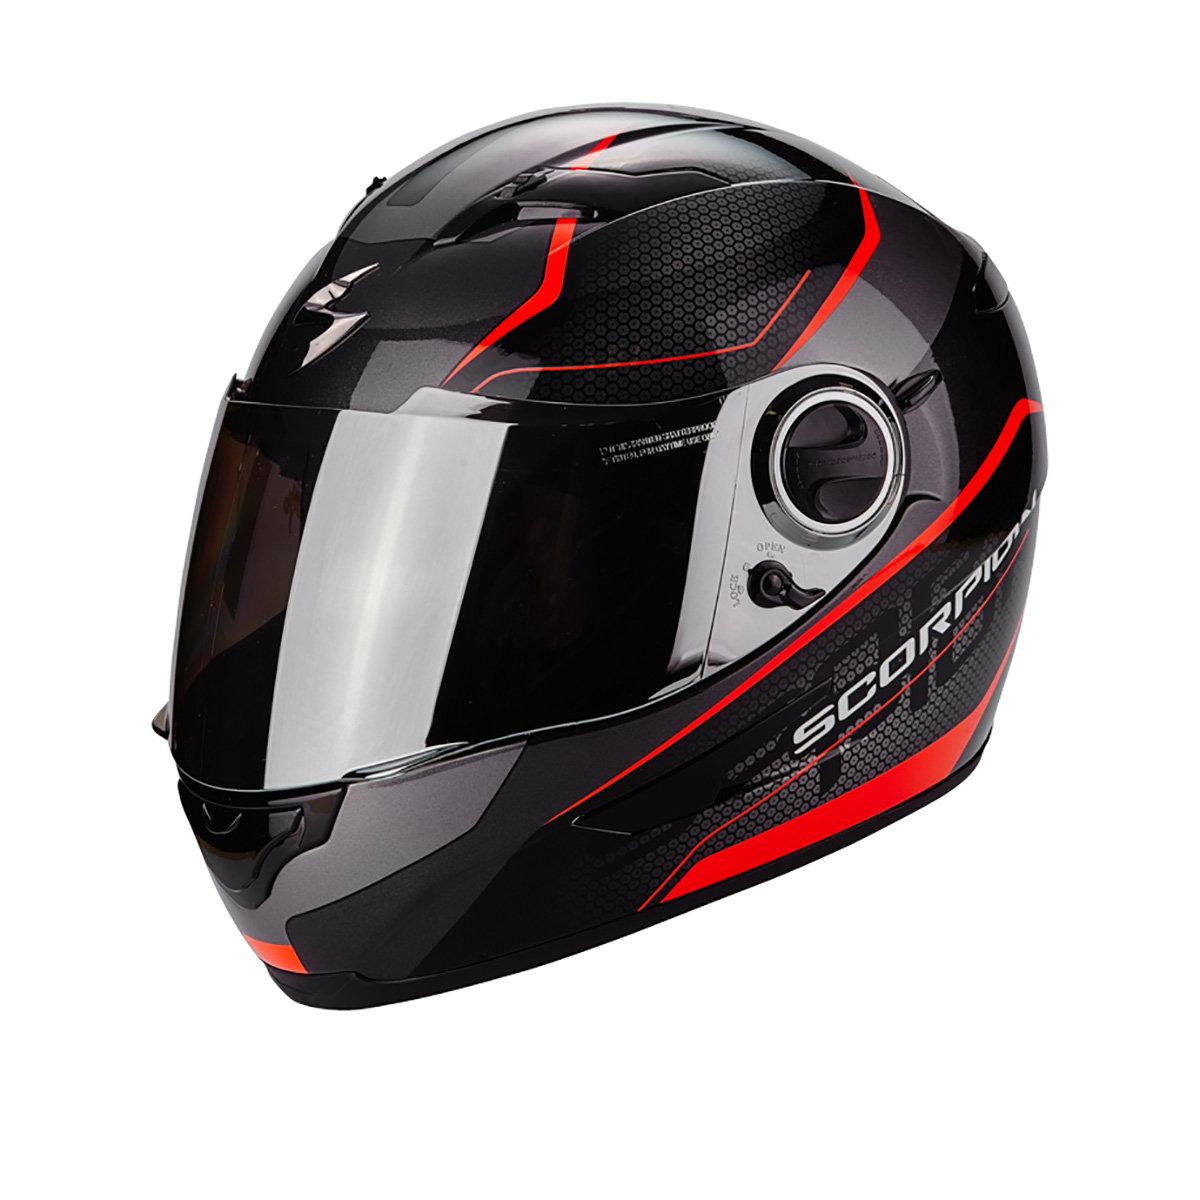 Scorpion Exo Мотошлем Exo-490 Vision, Цвет Черный/красный Неон